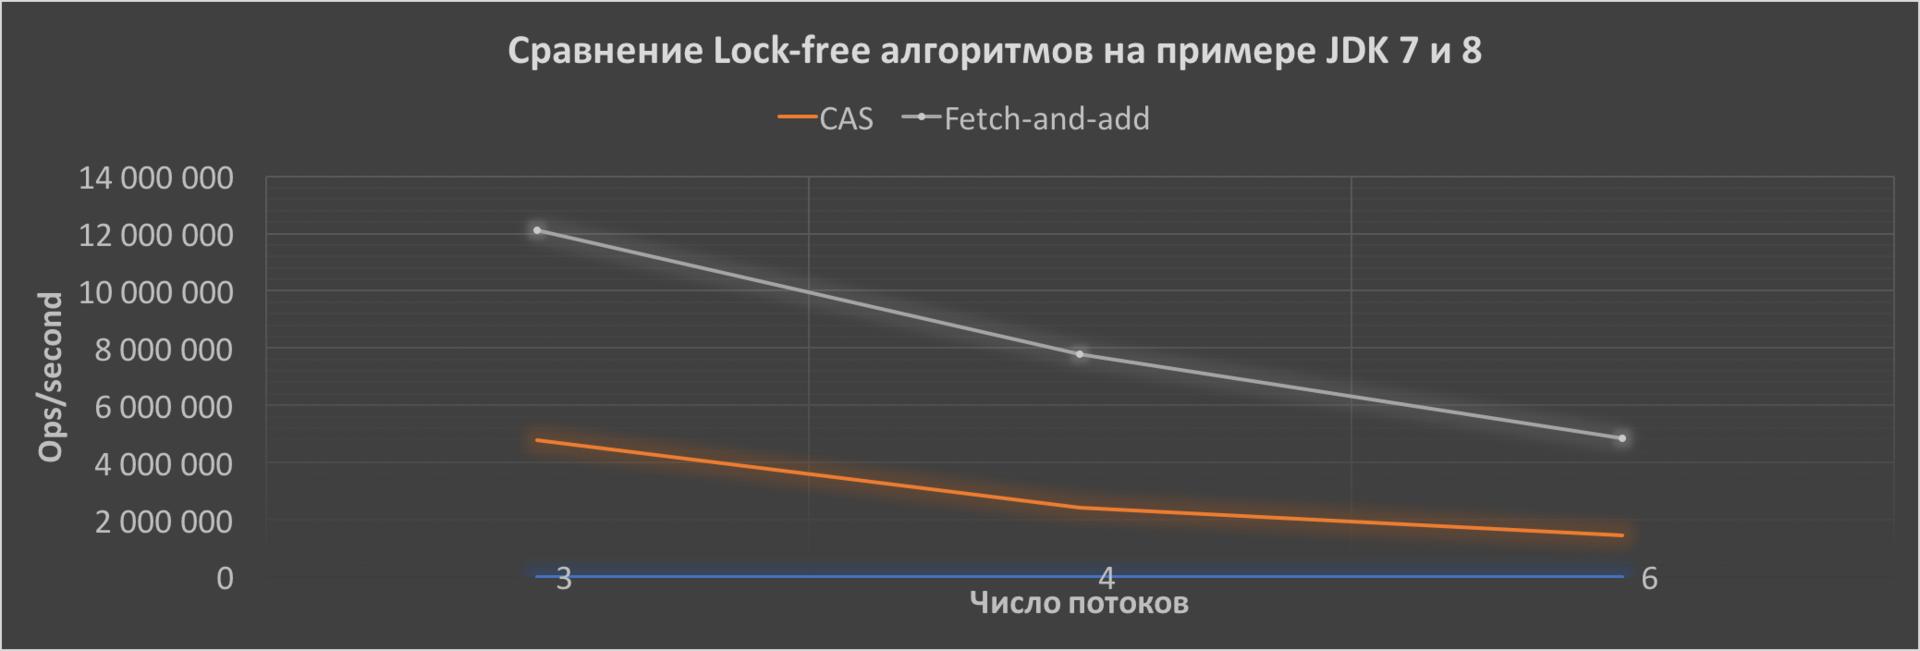 Сравнение Lock-free алгоритмов — CAS и FAA на примере JDK 7 и 8 - 2